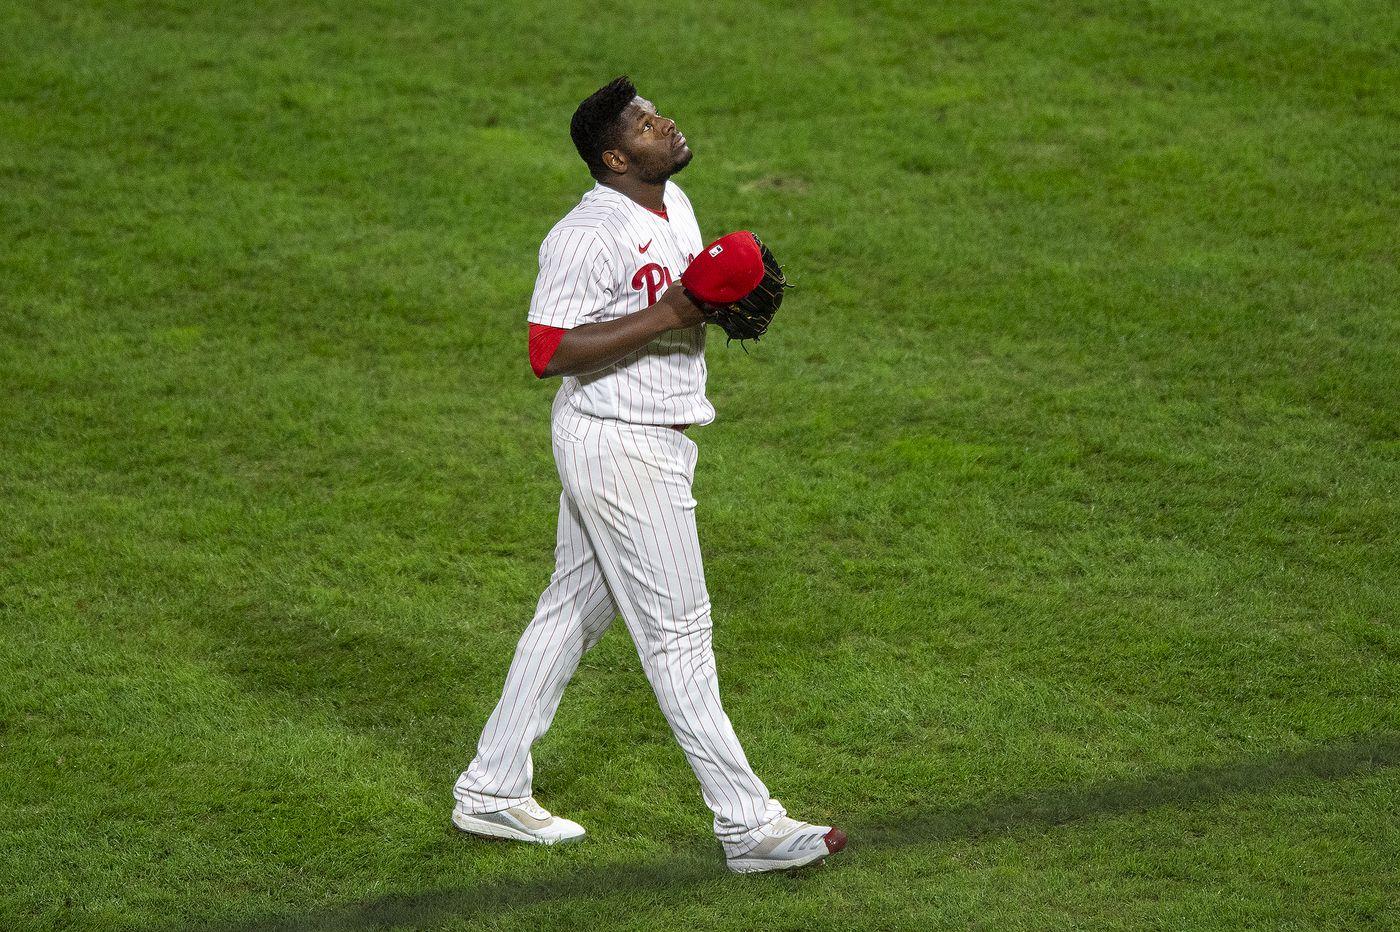 Lanzador de los Phillies habló con estudiantes de Esperanza Academy sobre qué lo inspiró a jugar béisbol en la ciudad